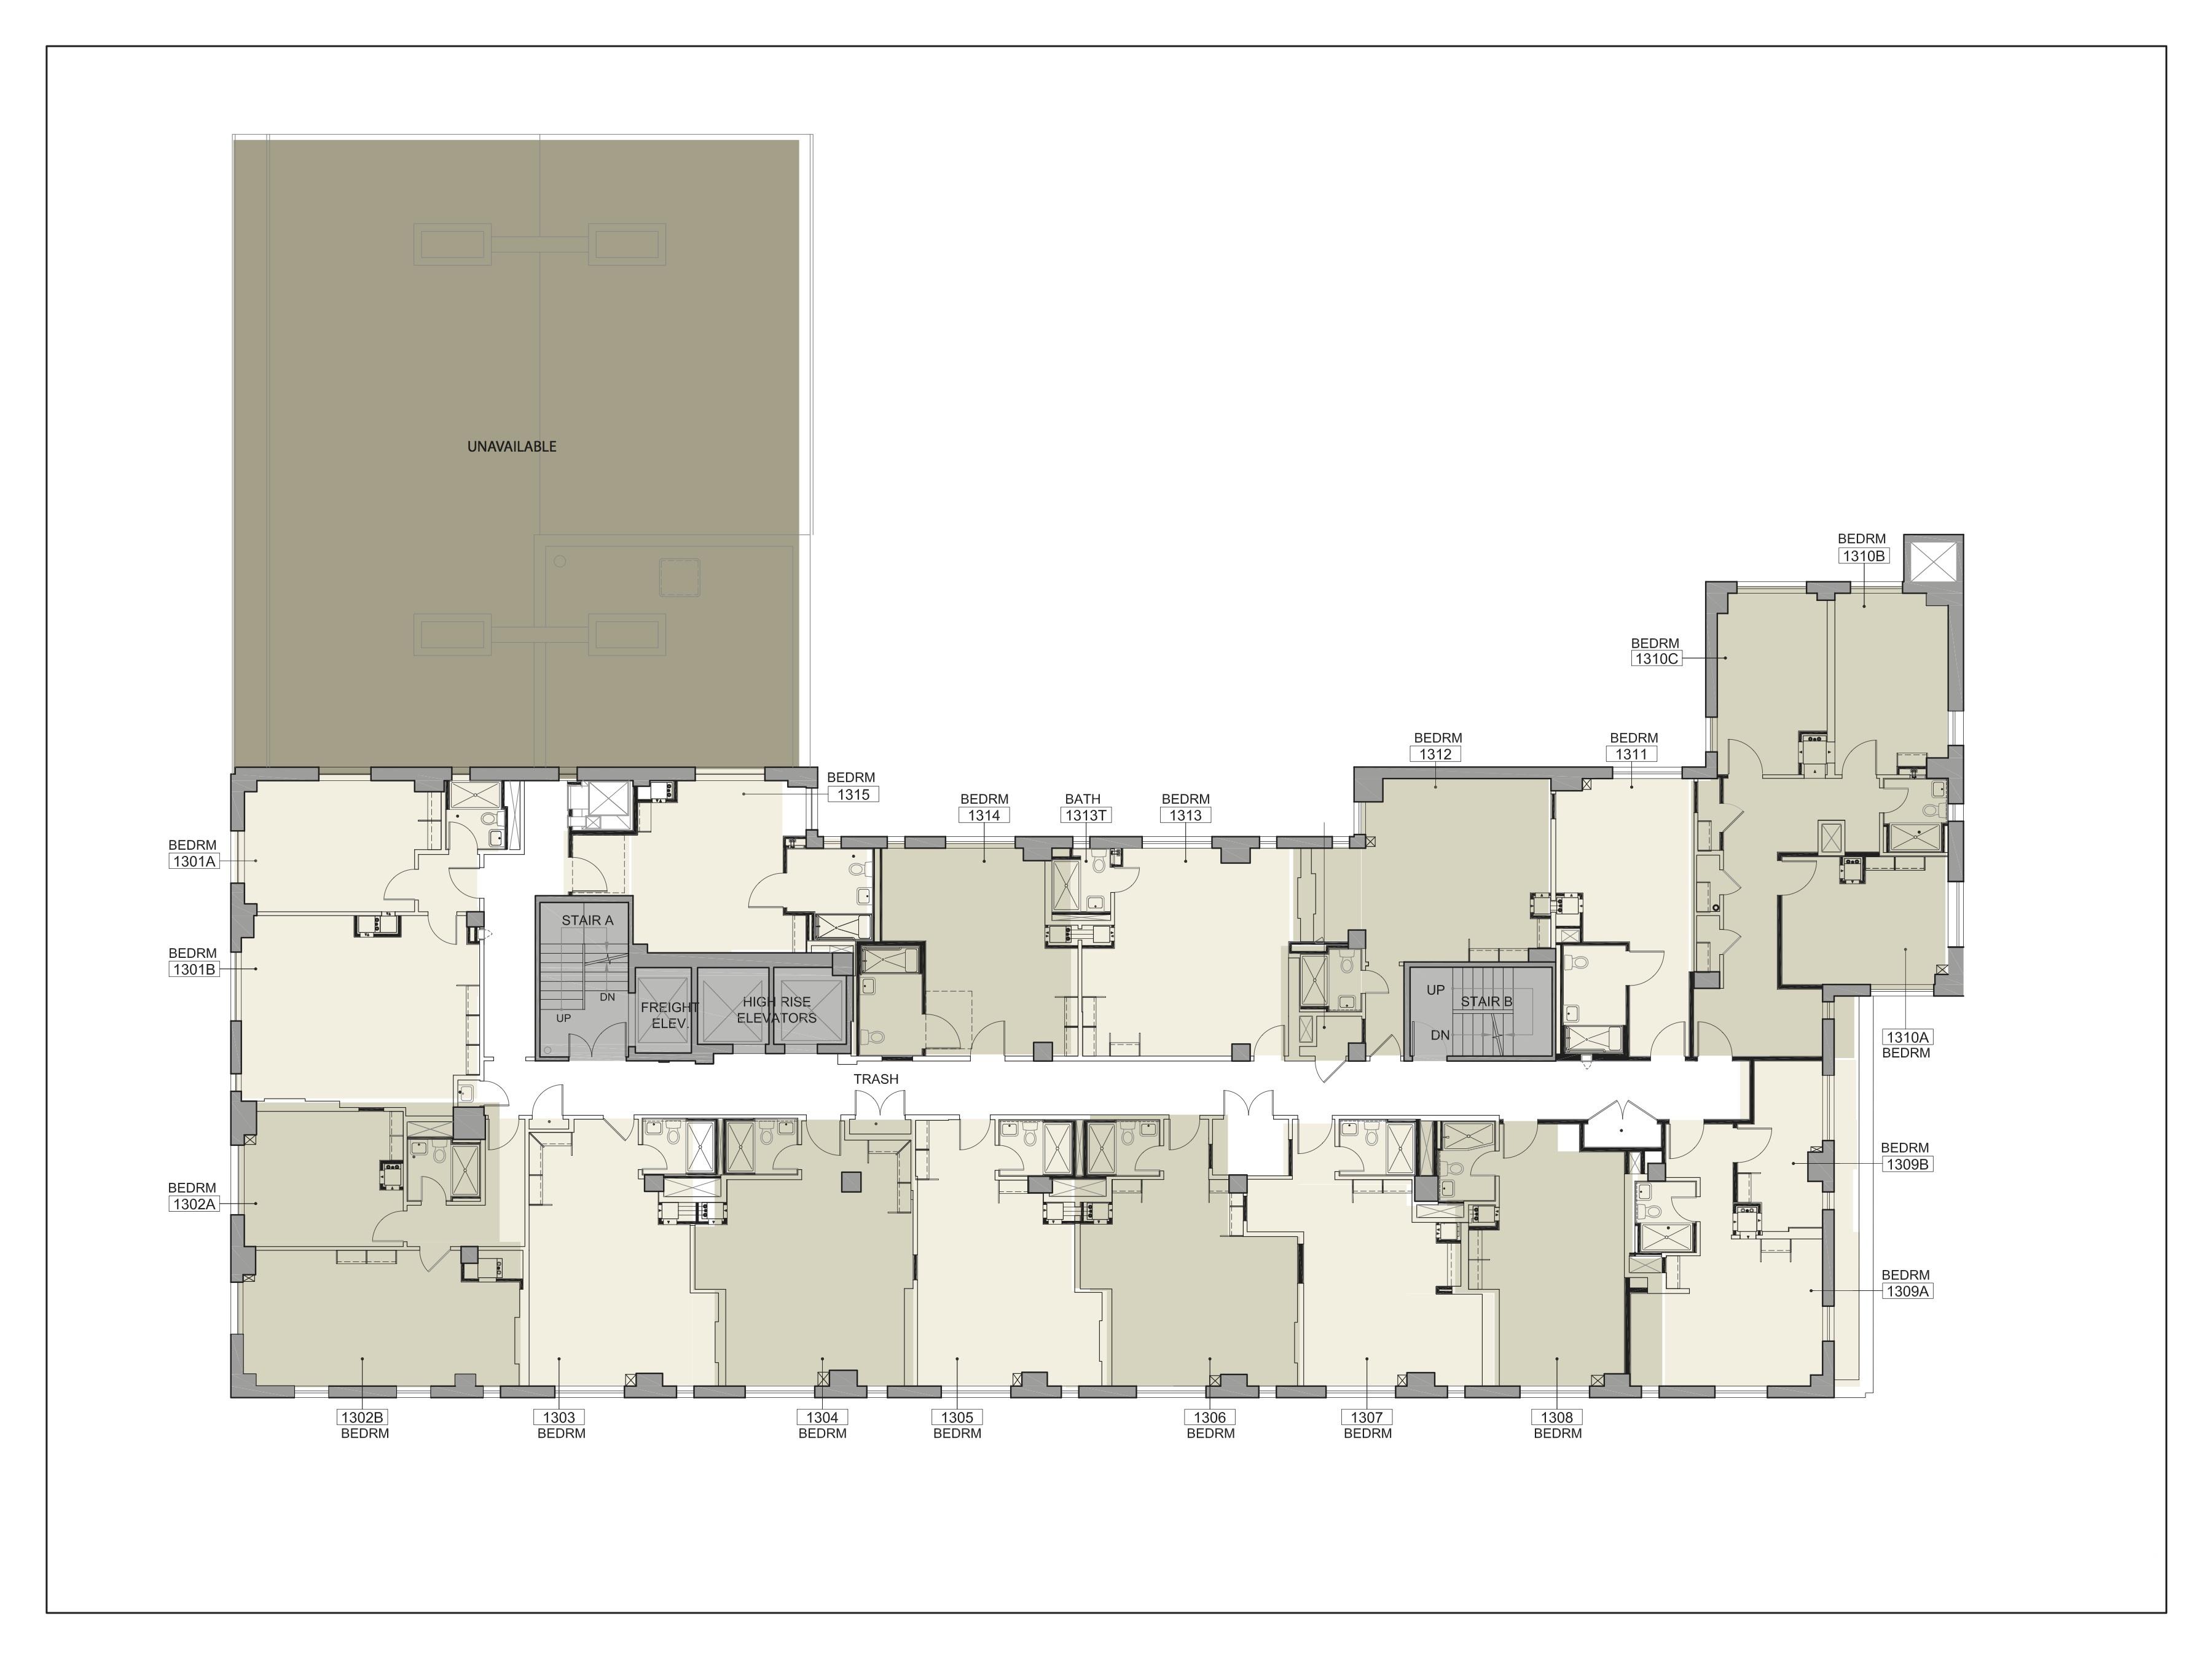 Floor plan for Lipton Floor 13